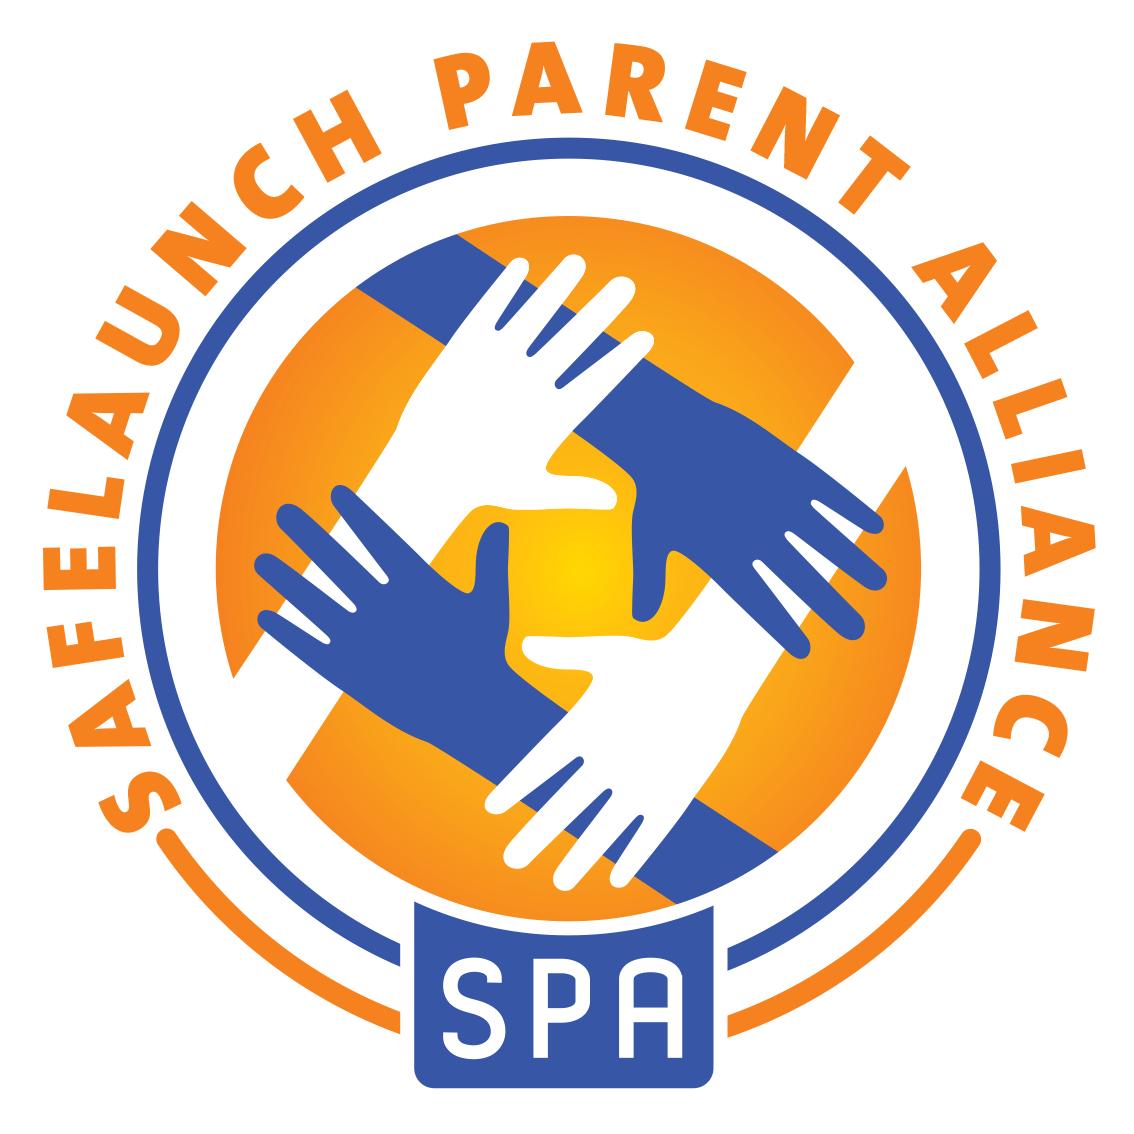 SafeLaunch Parent Alliance Logo